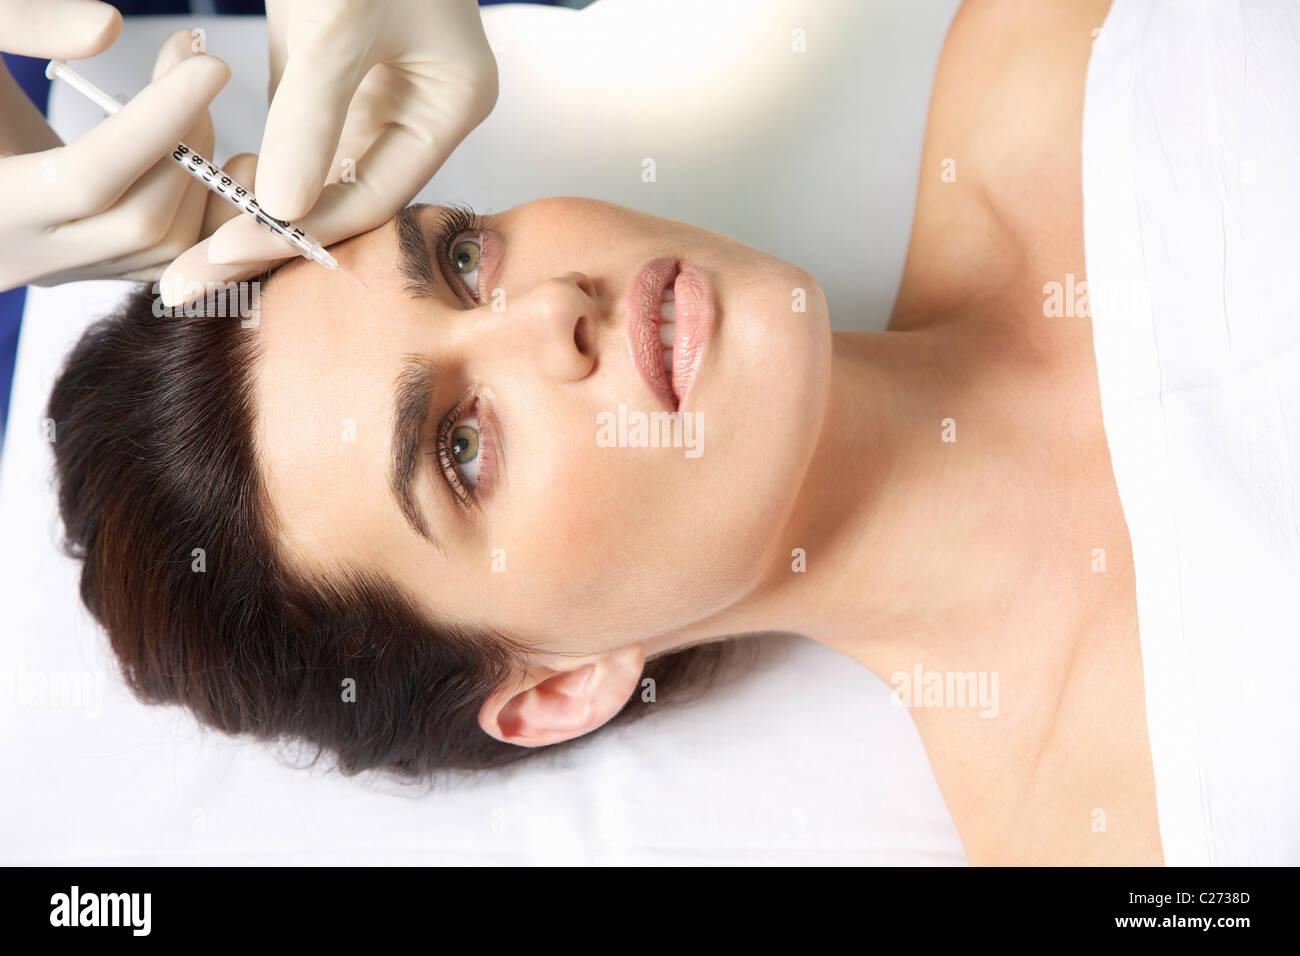 La mujer que recibe la inyección de Botox en la frente Foto de stock